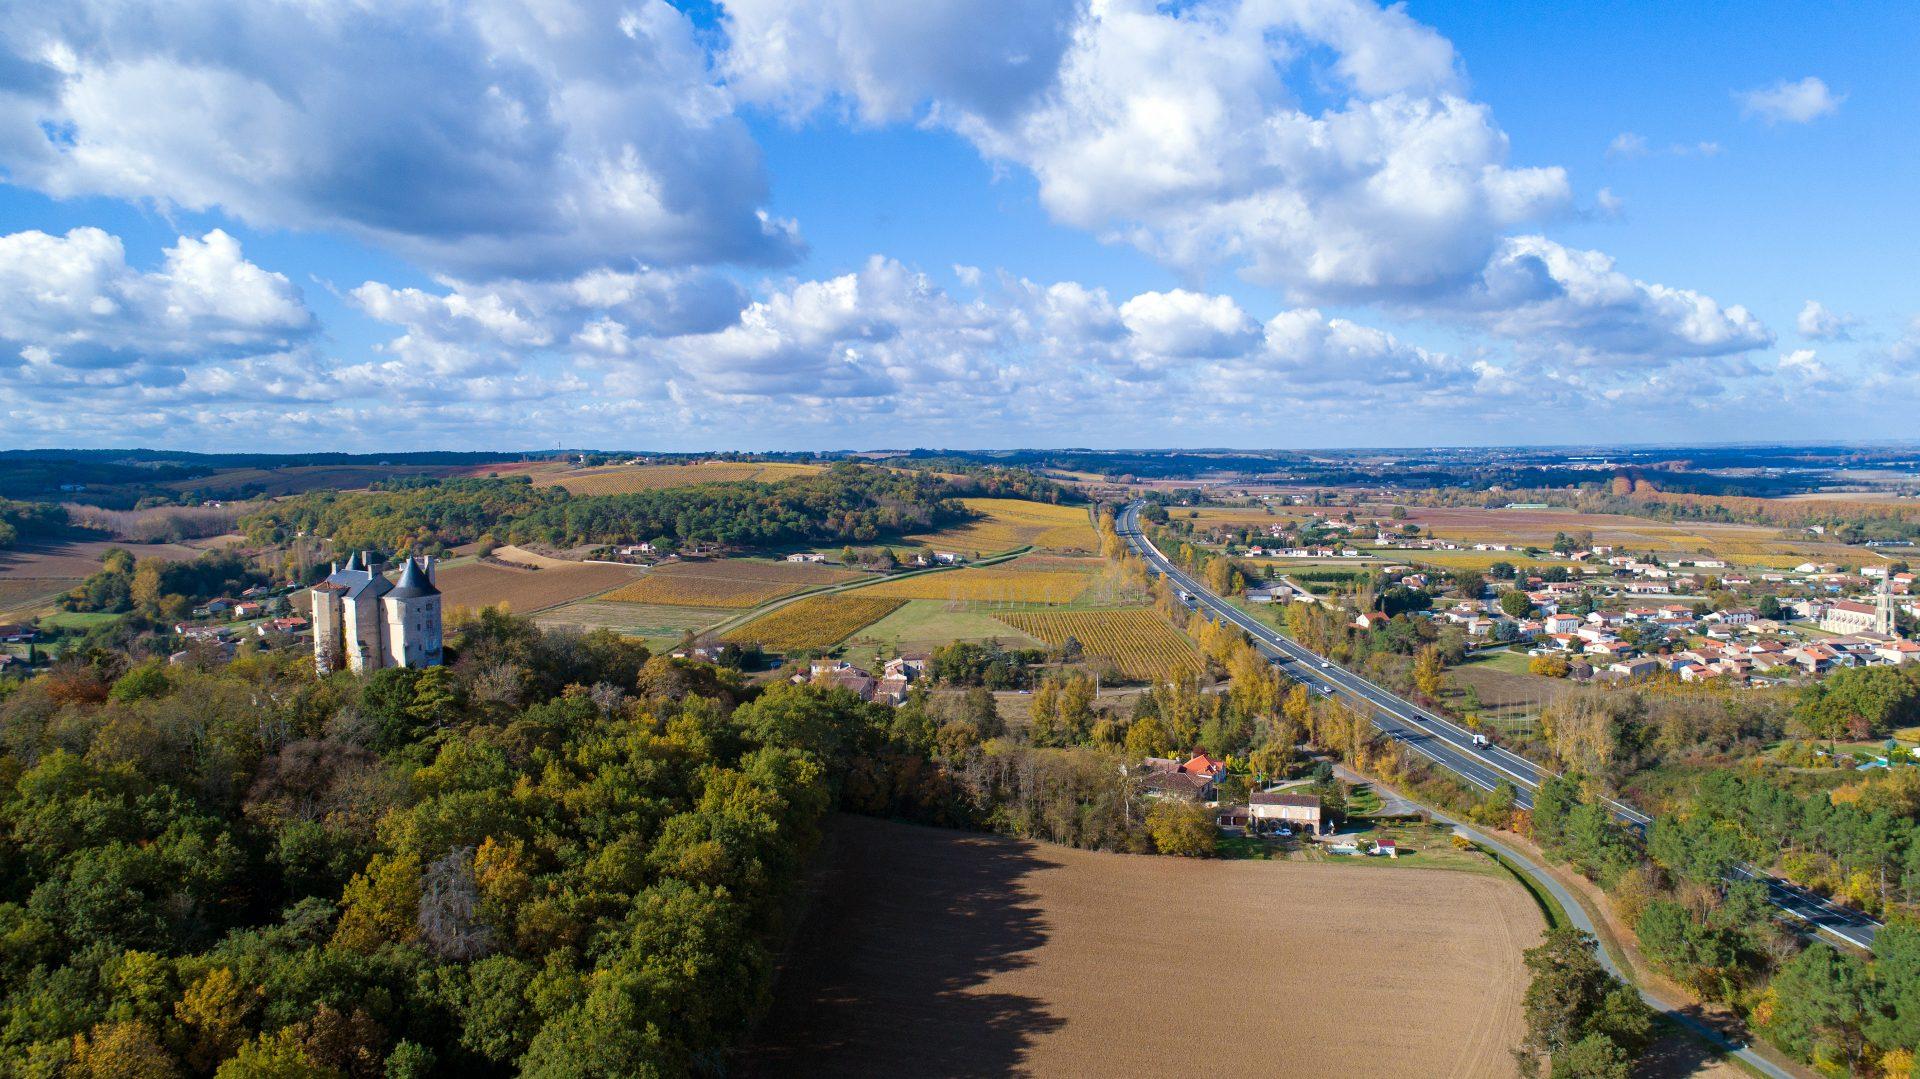 Aerial view of Buzet sur Baise village and castle